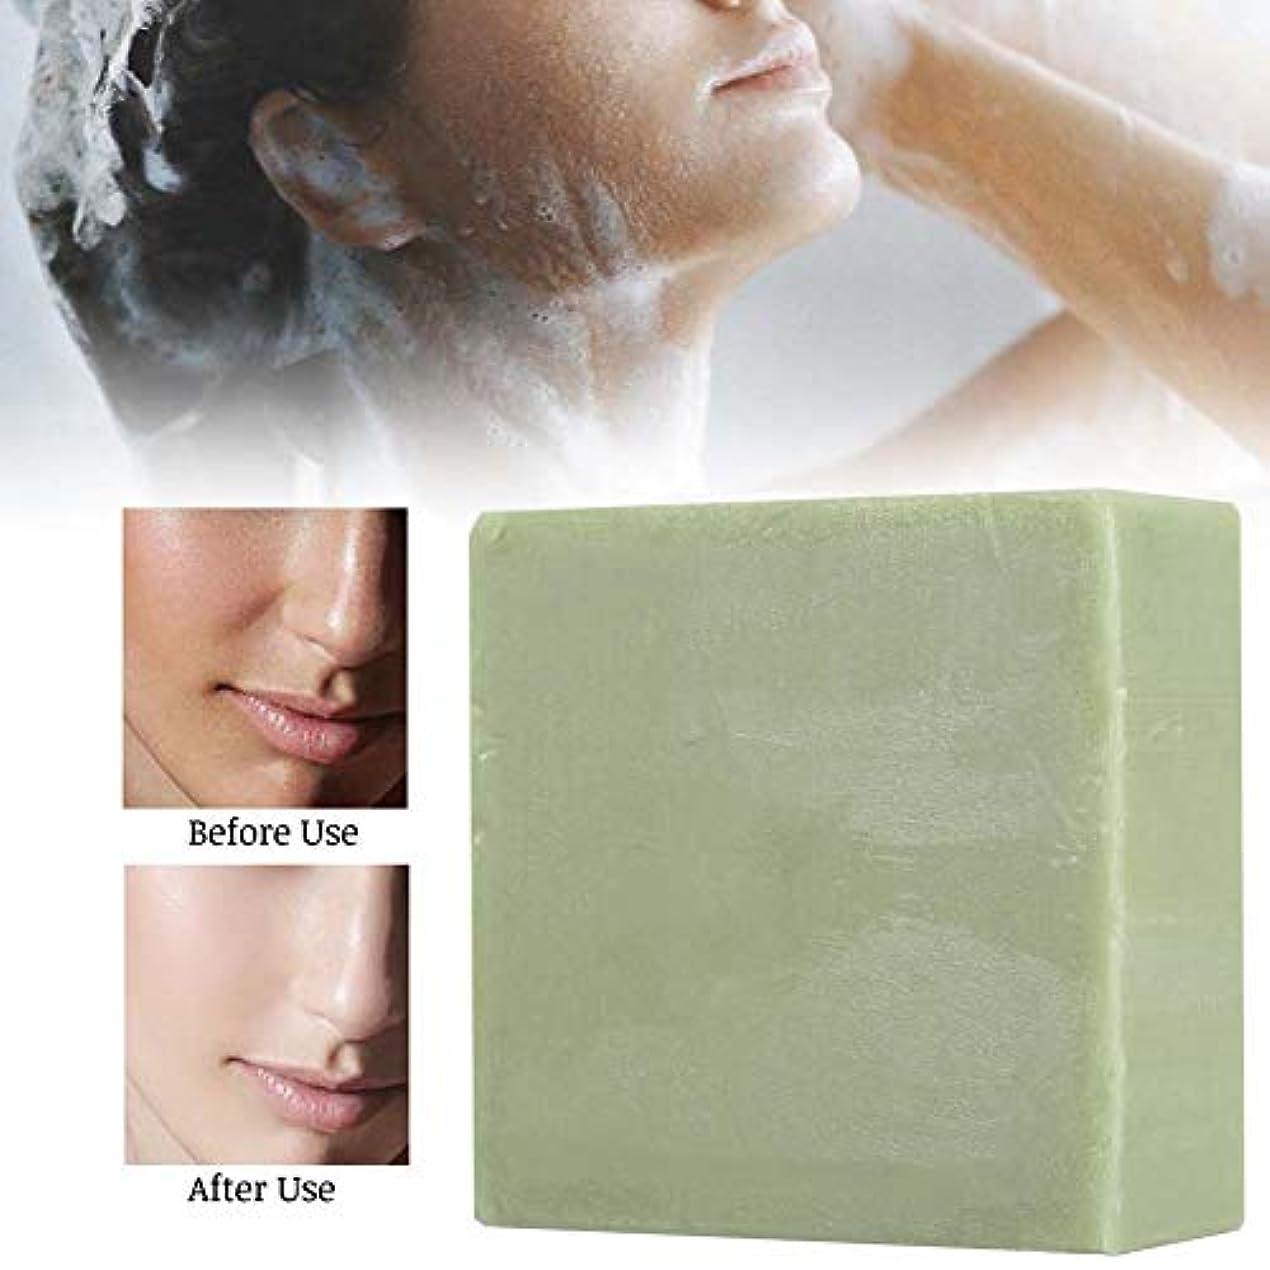 しなやかなハンマー戸惑う手作り石鹸 ハンドメイドグリーンクレイソープ フェイシャルクリーニング 保湿フェイシャルケア バスエッセンシャルオイルソープ